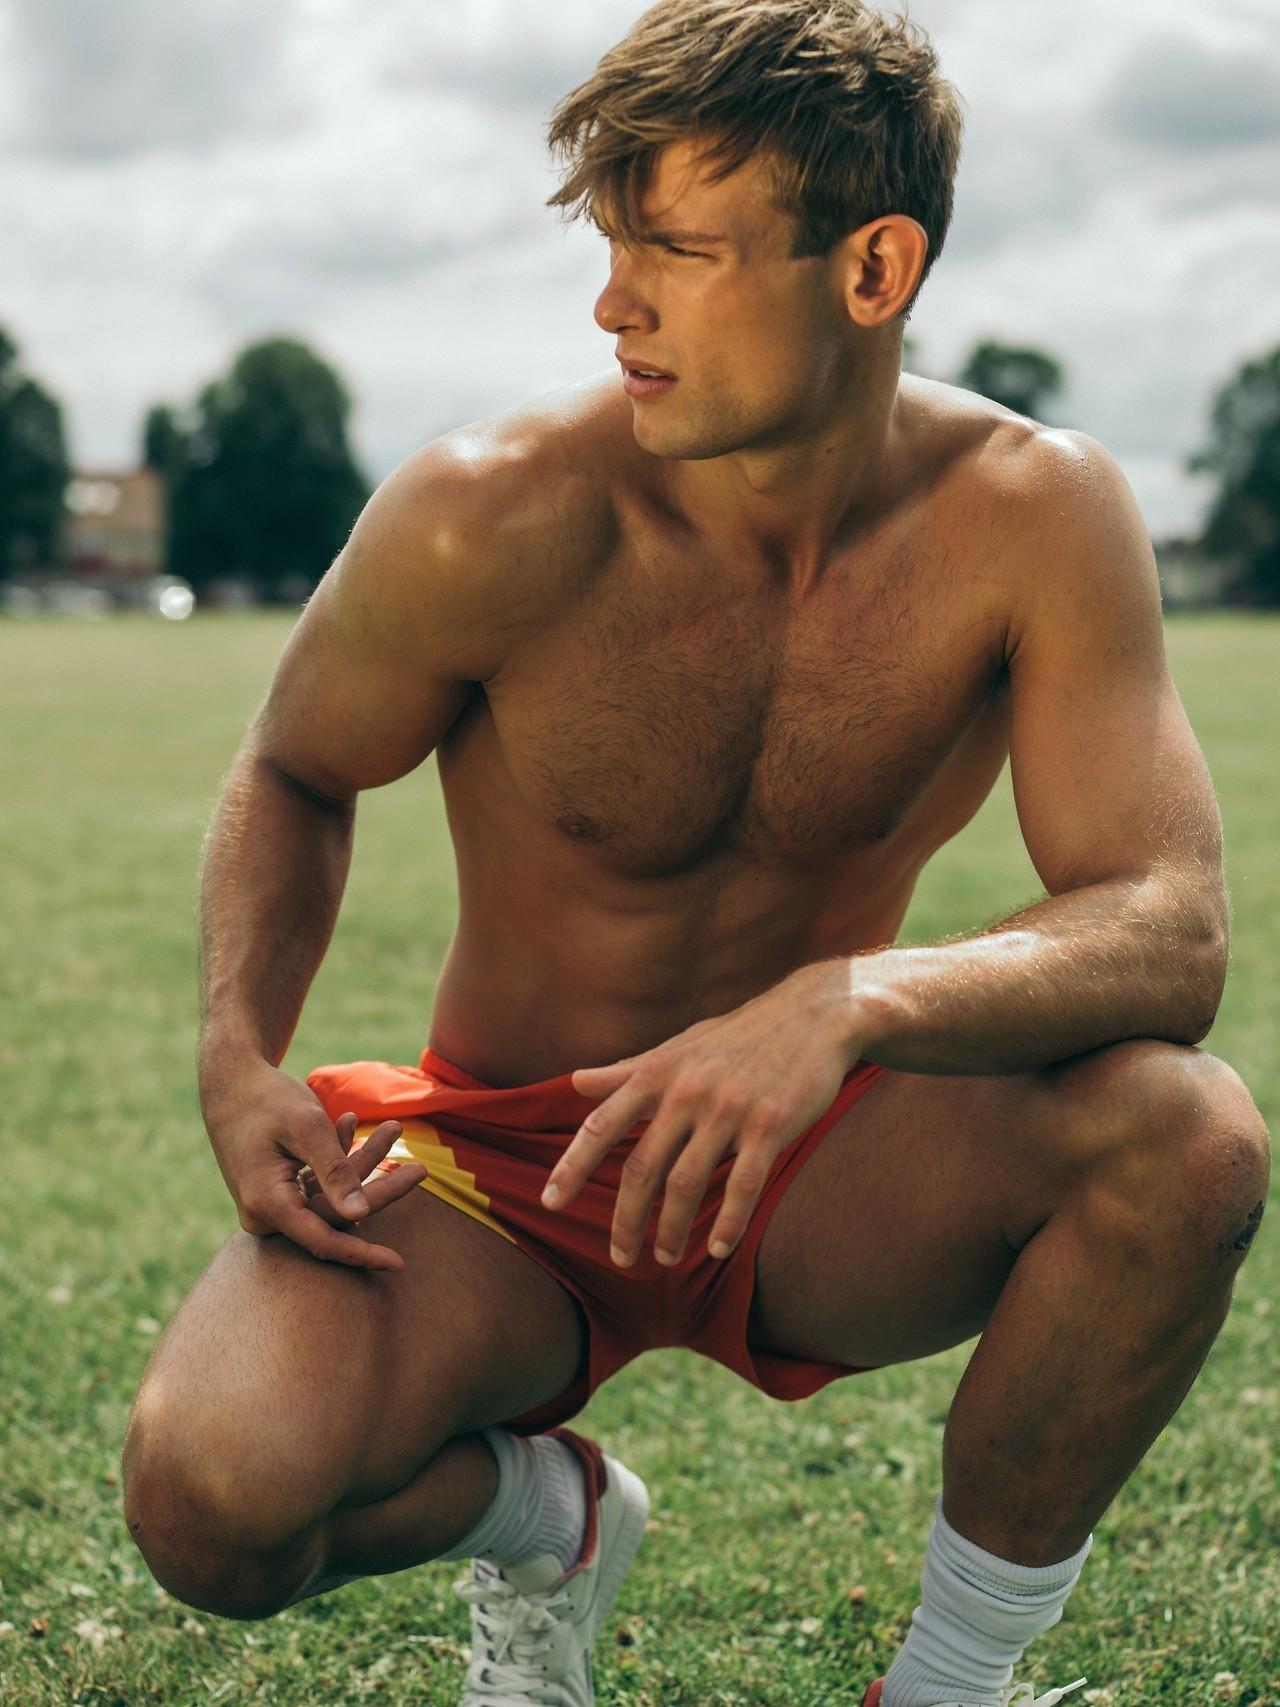 2018082404335859 - 英国足球小子 Elliott Reeder / Joseph Sinclair摄影作品